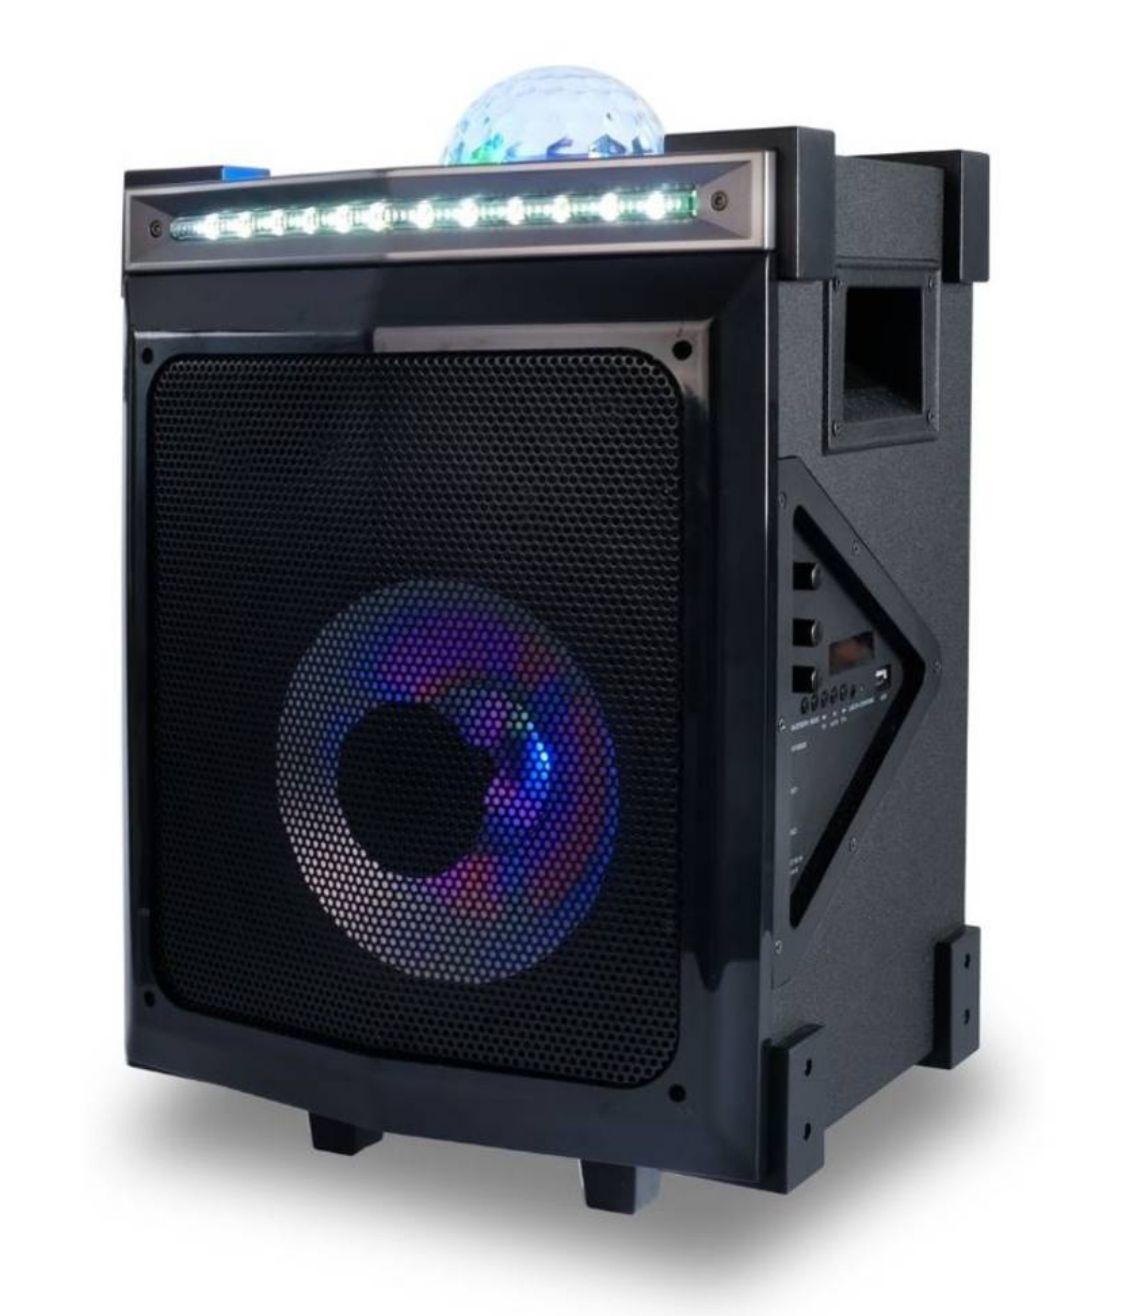 BoomboxBouw het ultieme feestje met deze coole Noonday Party Trolly Bluetooth speaker! Voorzien van disco-effecten, Bluetooth.